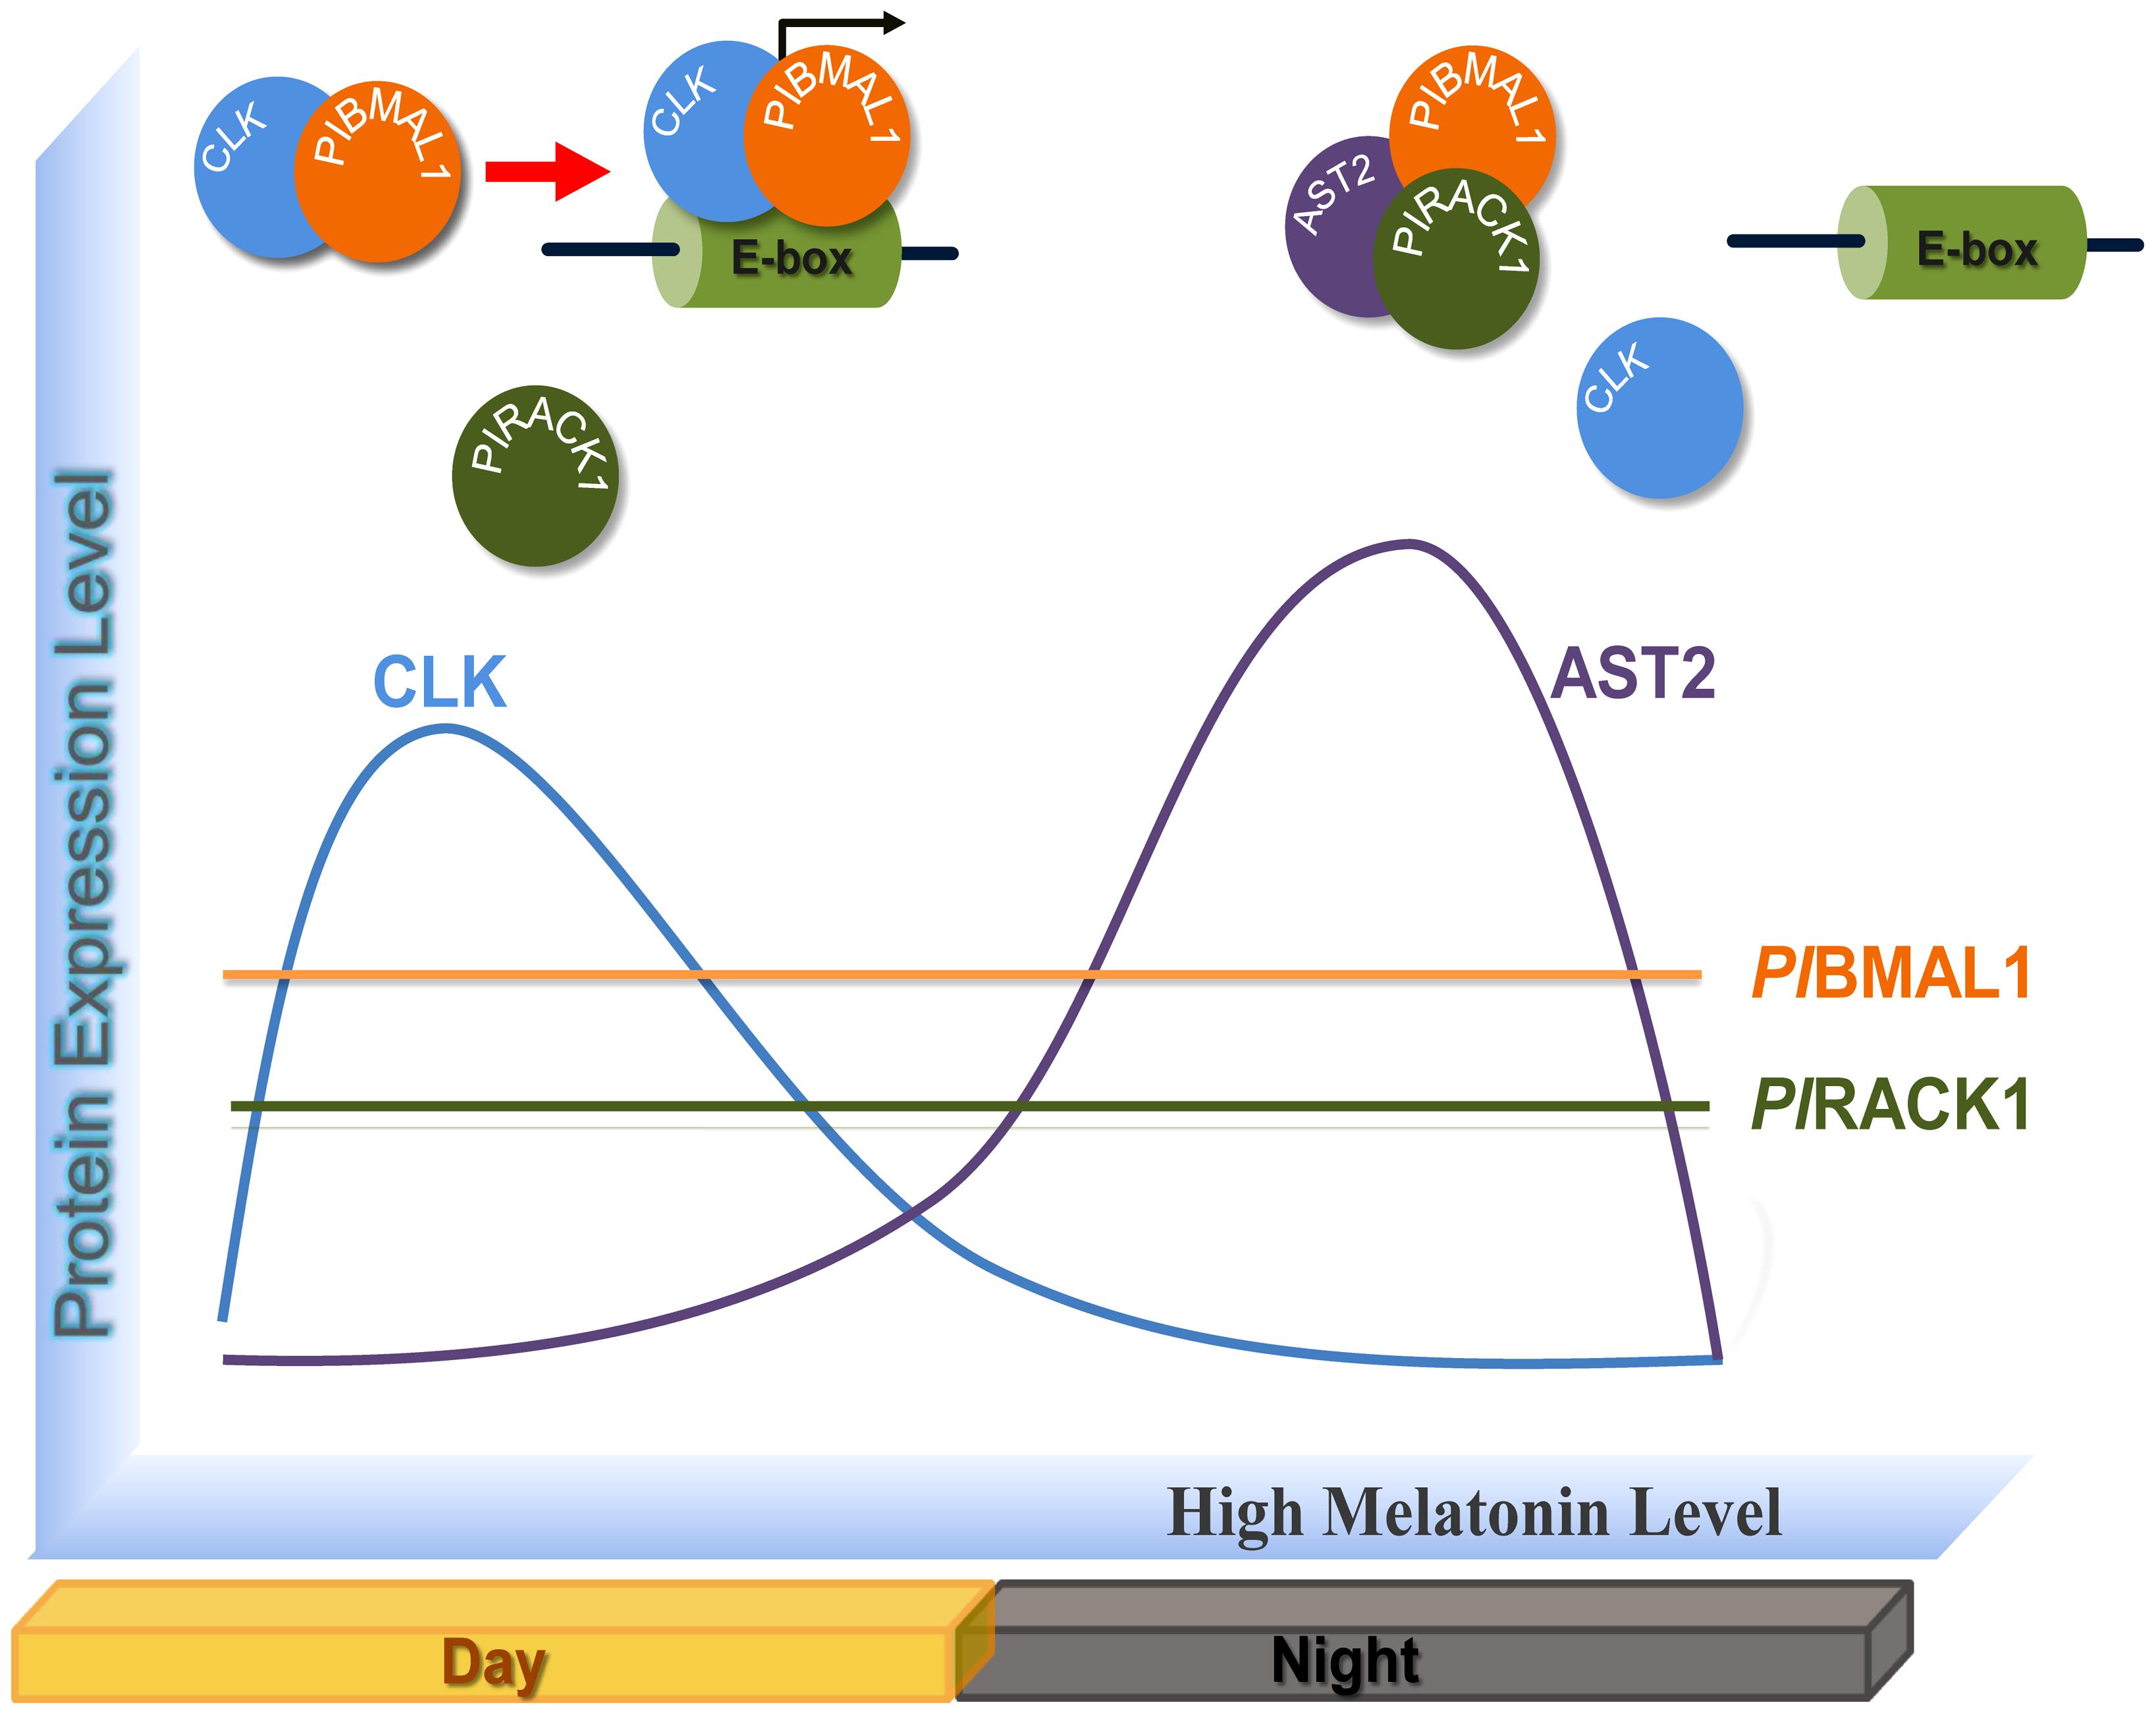 Molecular model of the circadian regulation by CLK, <i>Pl</i>BMAL1, <i>Pl</i>RACK1, and AST2.